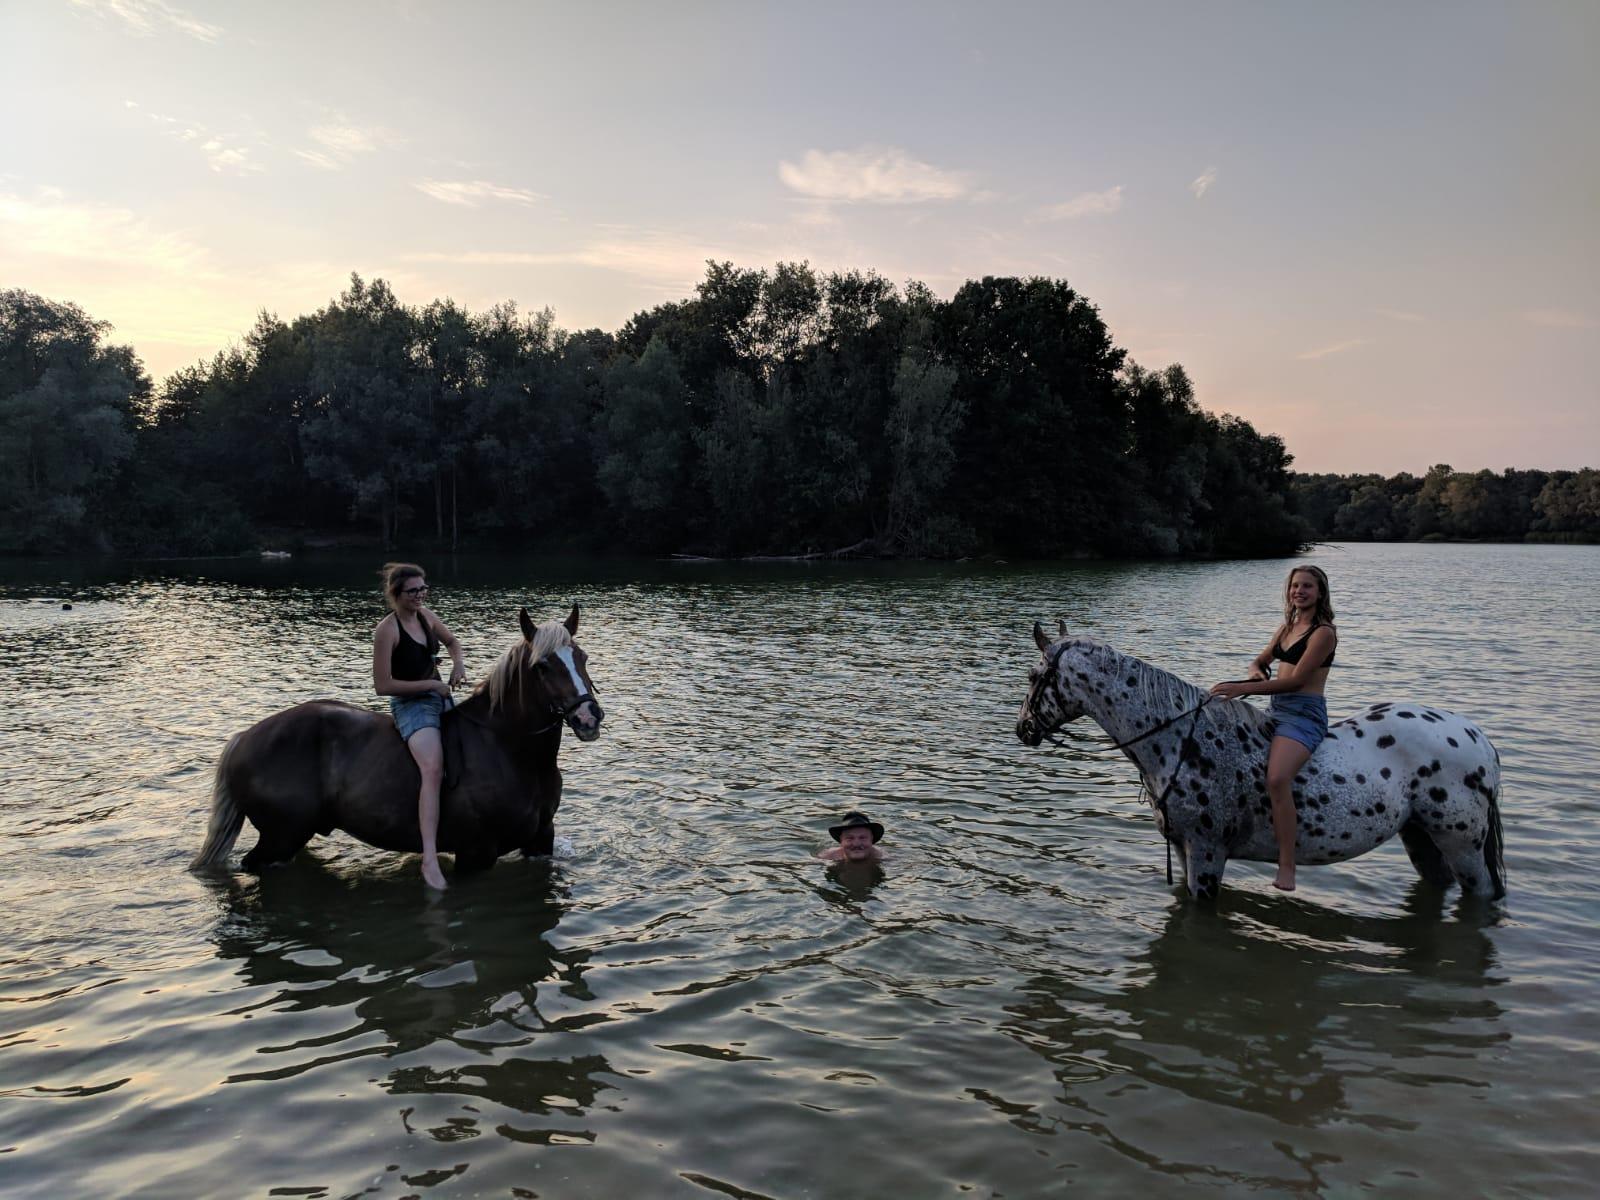 Erfrischung für Mensch und Pferd